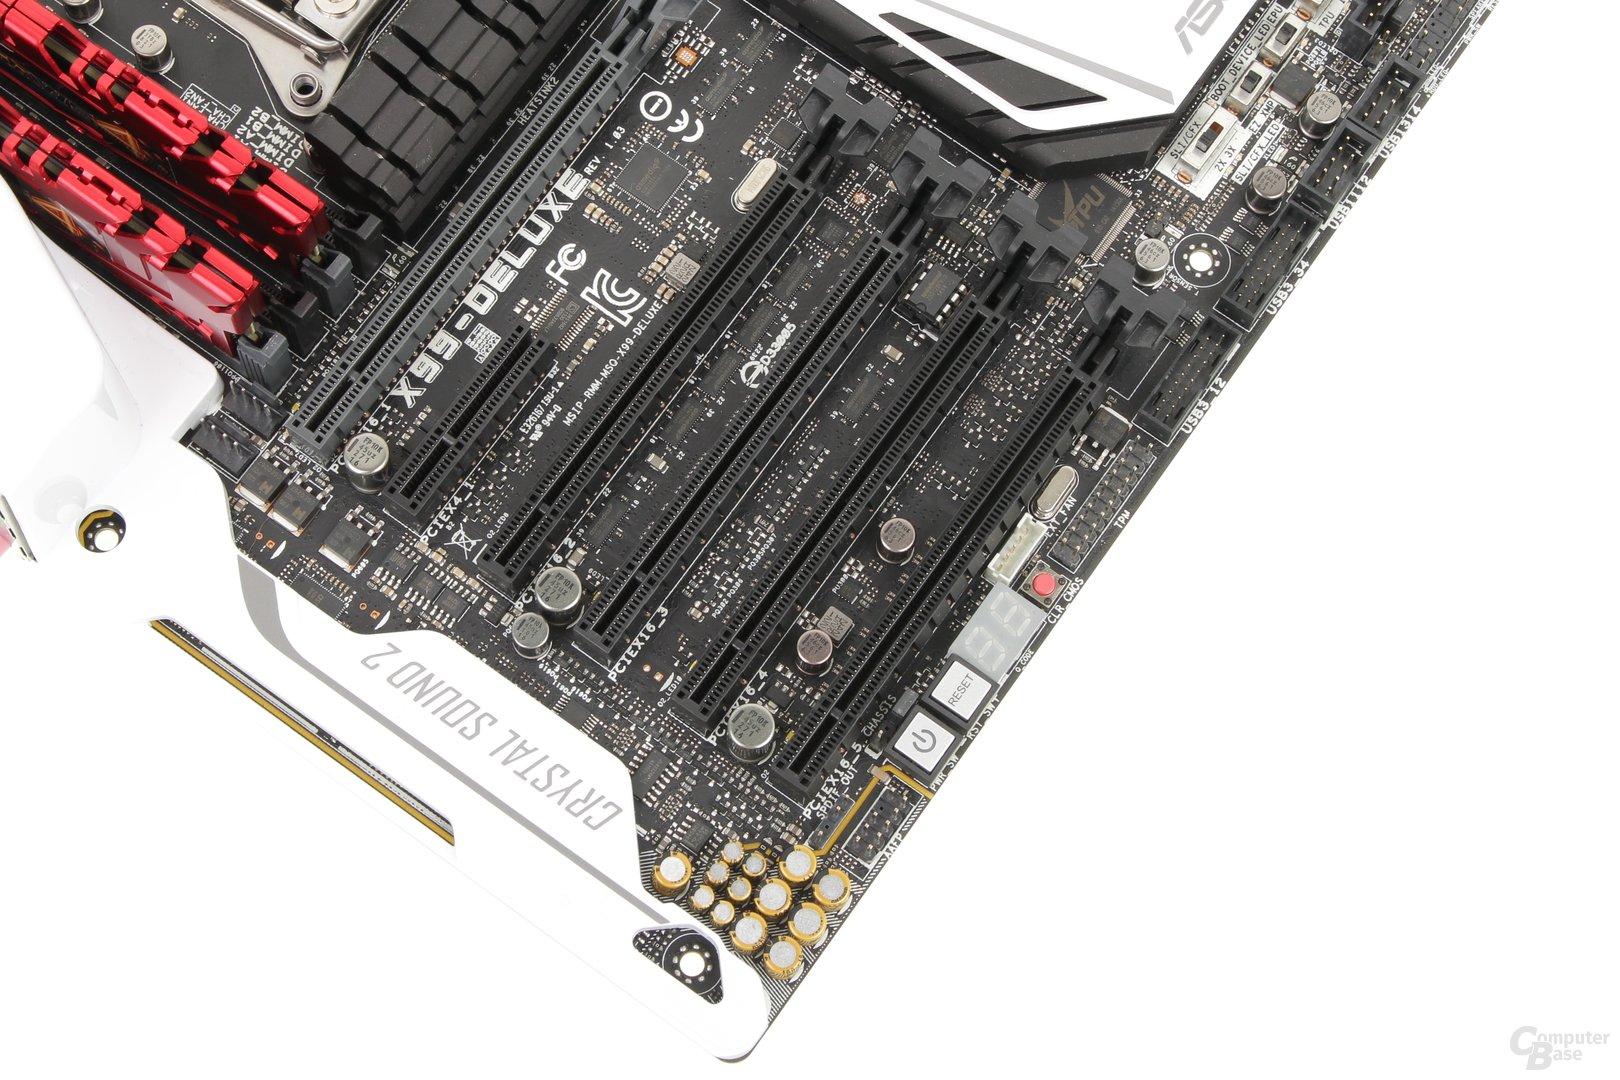 Die Anordnung der PCIe-Slots lässt vier Dual-Slot-Grafikkkarten nicht zu